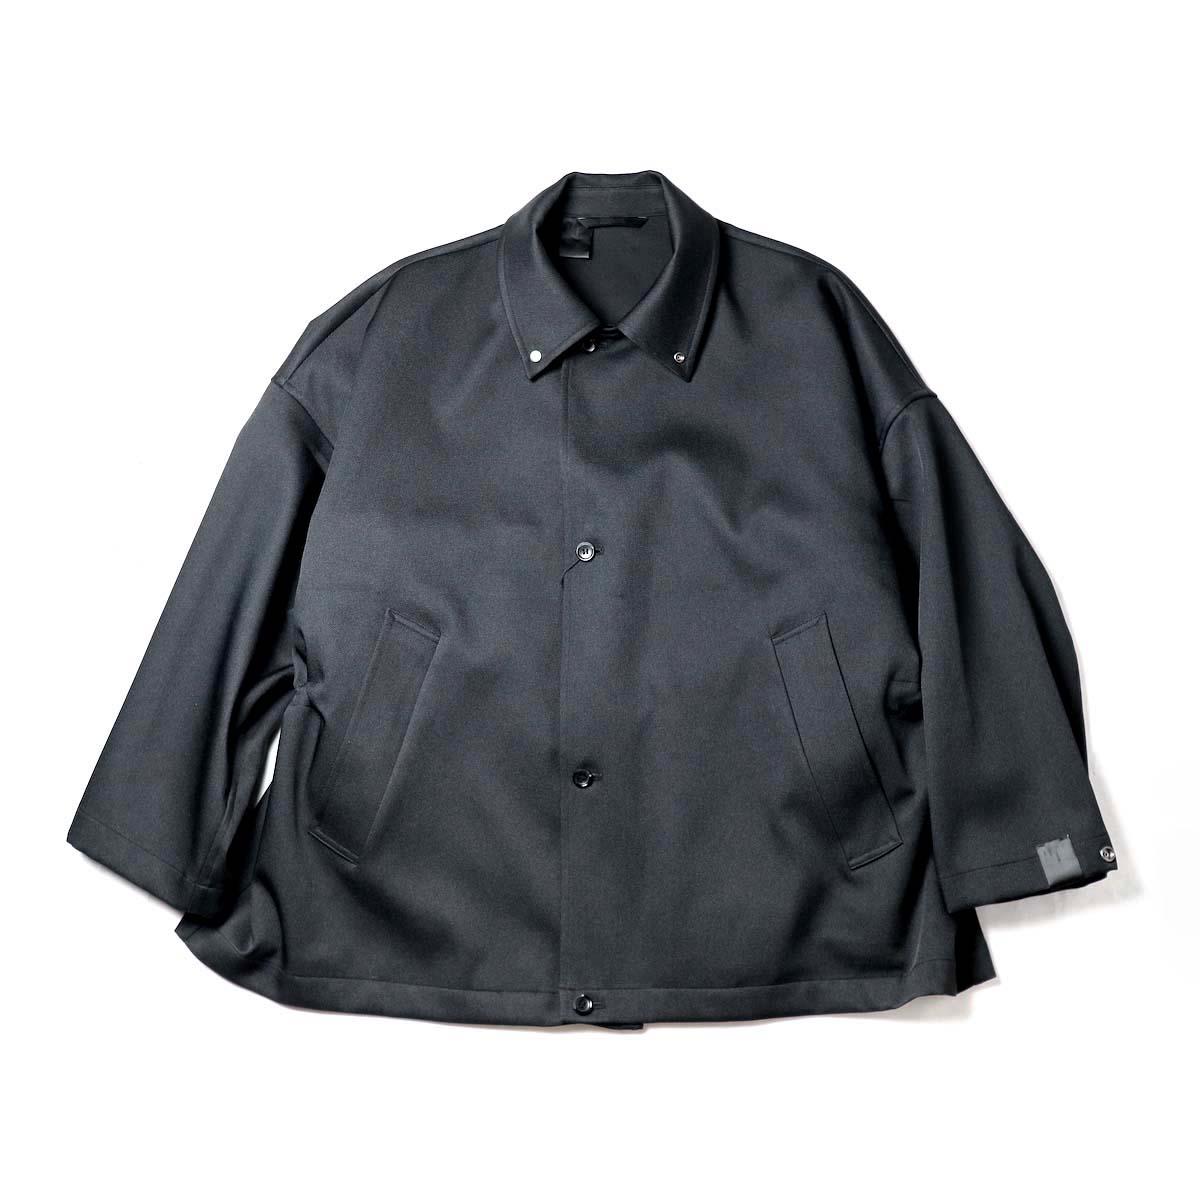 N.HOOLYWOOD / 2202-CO10-017 BALMACAAN HALF COAT (Black)